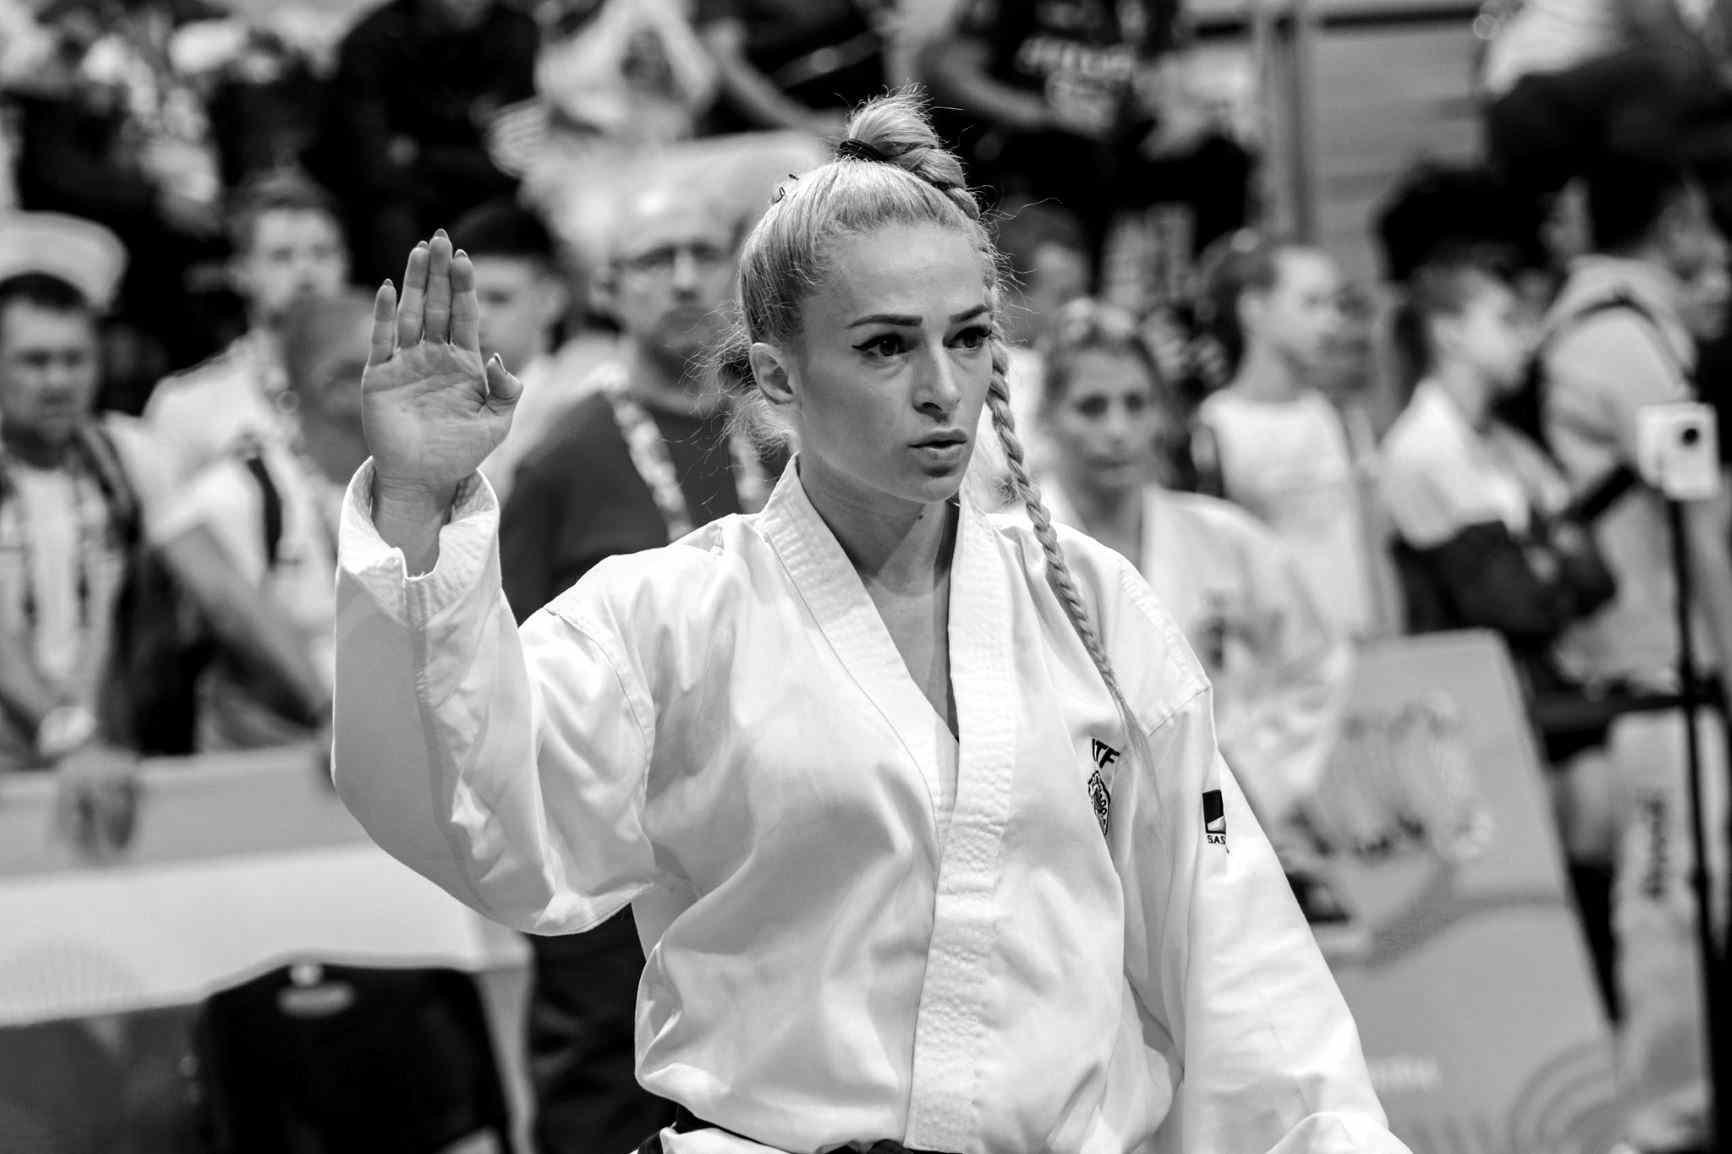 Албена Ситнилска Силна е тая жена, и е хубава! Албена Ситнилска, многократната ни медалистка от републикански и международни първенства по таекуондо, извоюва поредна титла в преуспешната си кариера преди по-малко от месец  - атрактивната блондинка прибави към европейската си титла по кикбокс и световна.Чар, силен дух и амбиция в едно - най-големите победи тепърва предстоят, сигурни сме.  сн.: Митко Балабанов